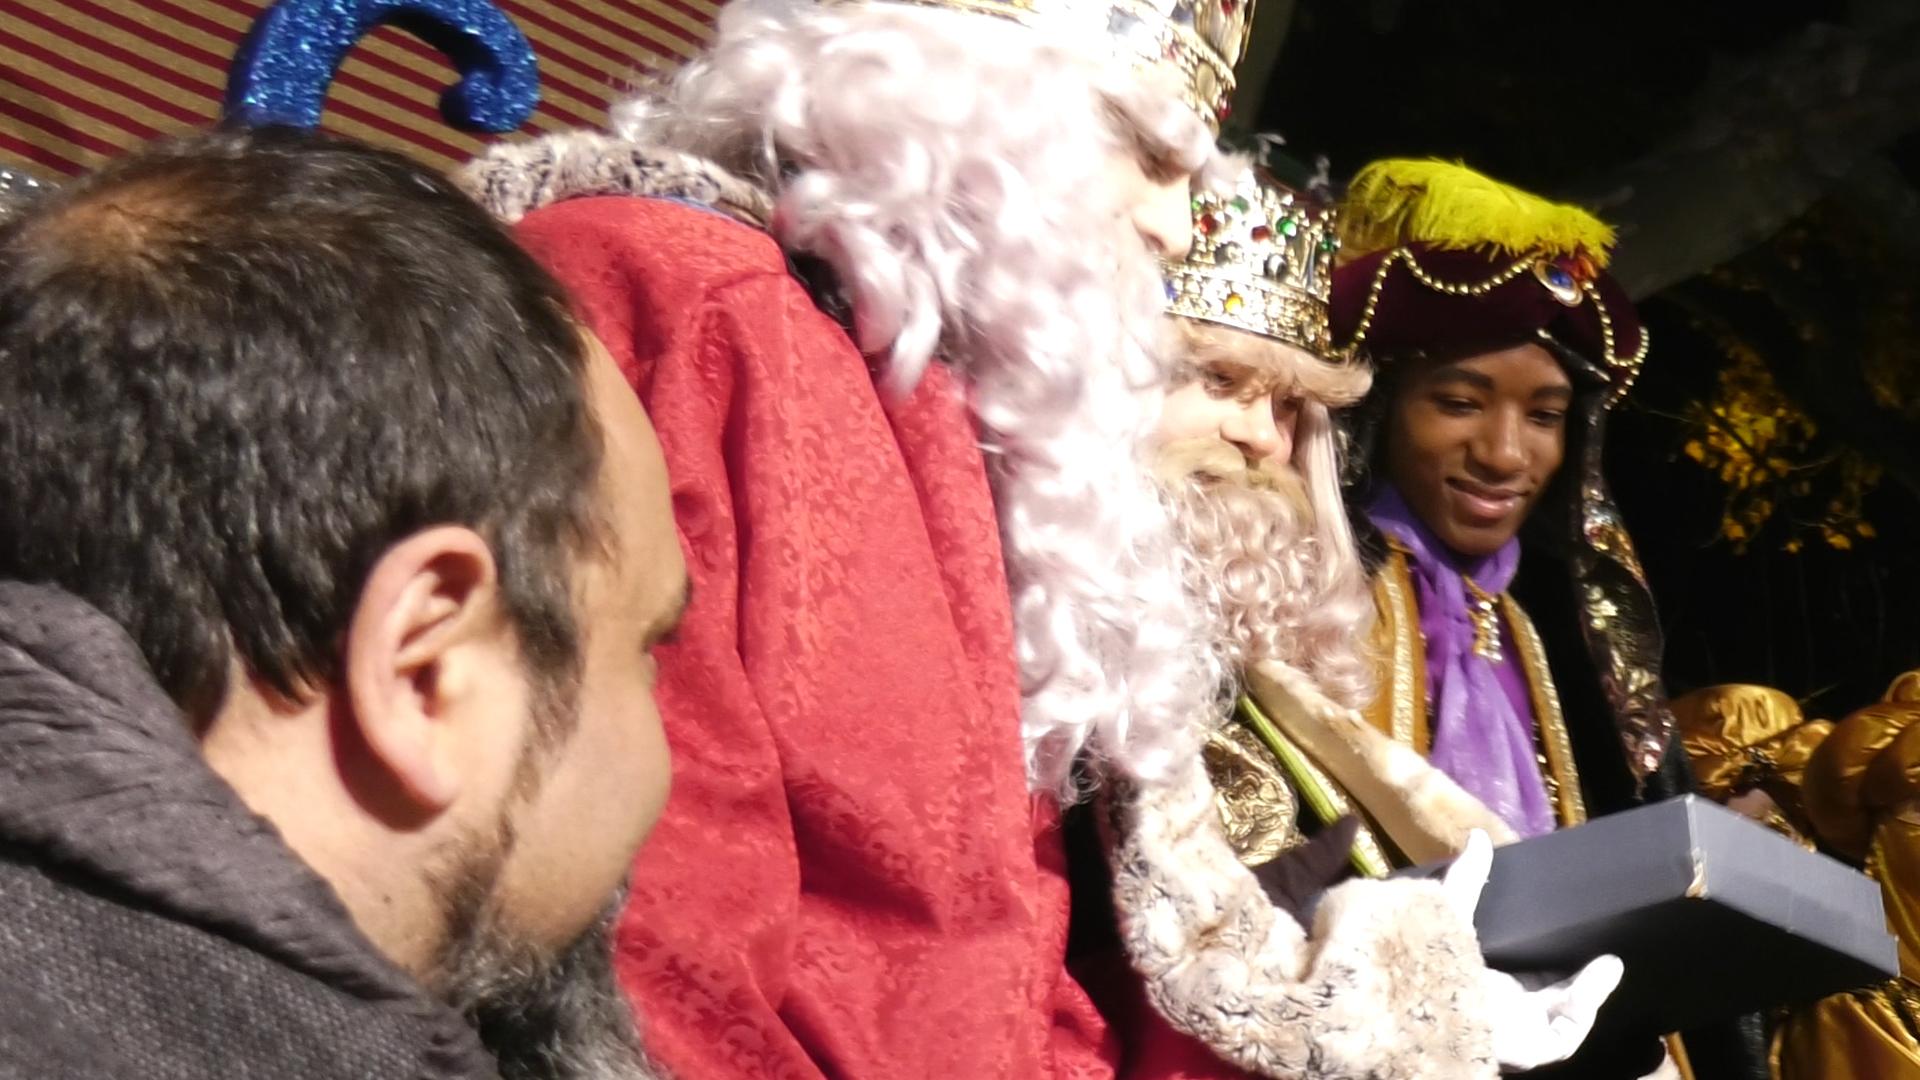 NOU REPORTATGE: Els Reis Mags tornen a passejar la seva màgia per Arenys de Munt!